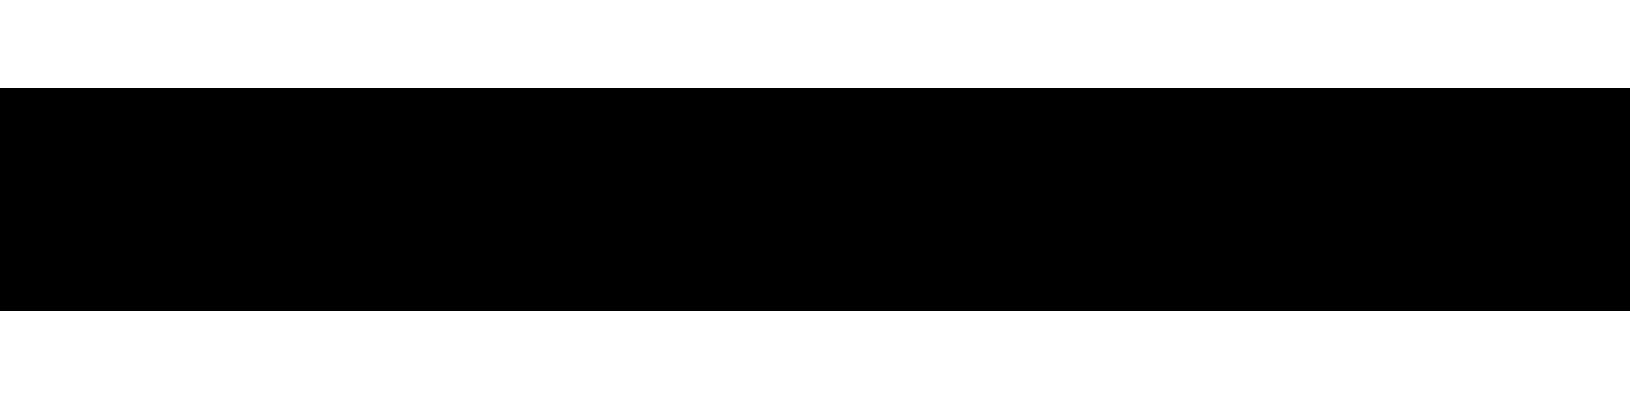 Norrsken